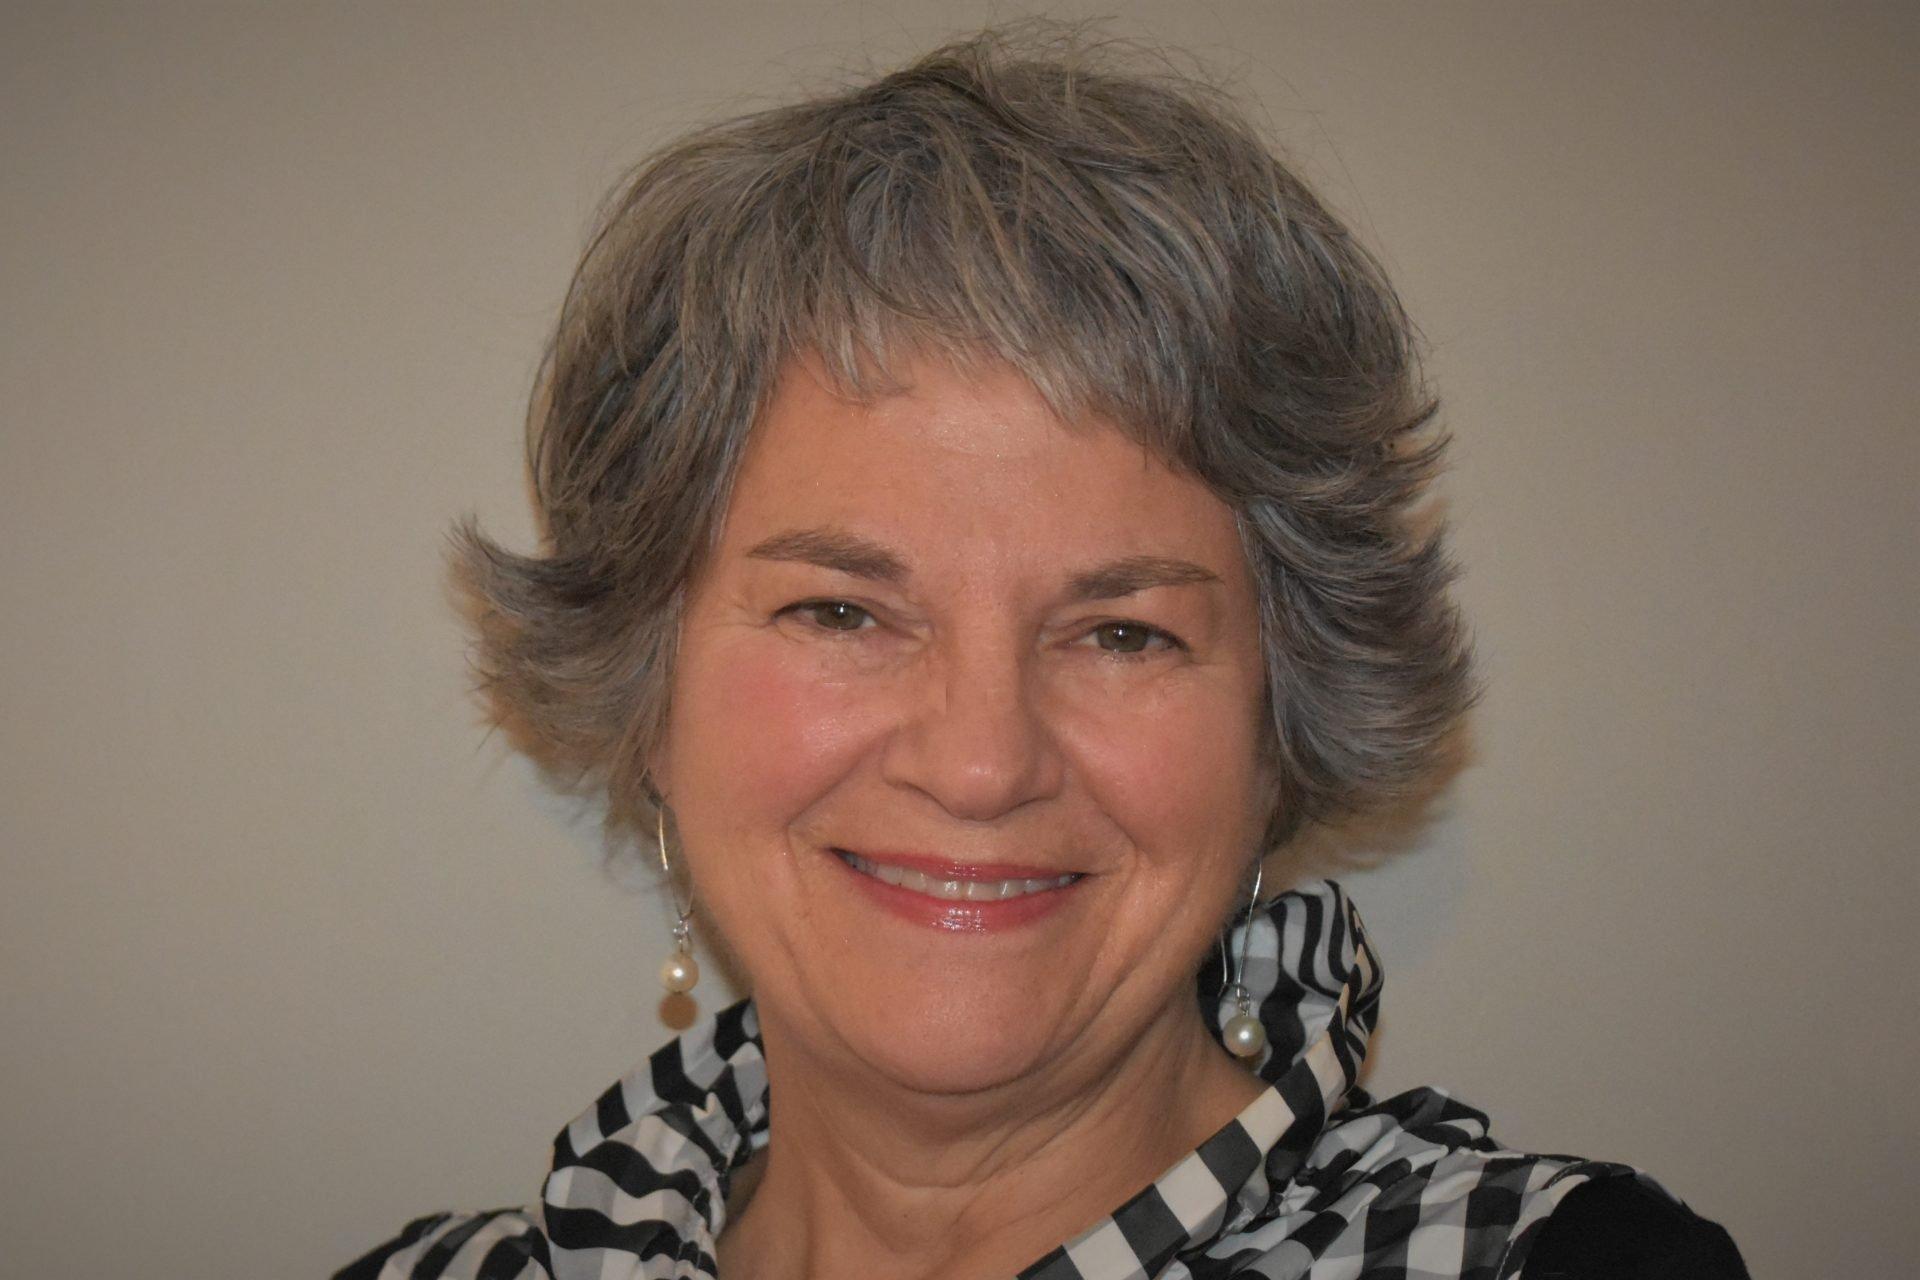 Lucy Servidio